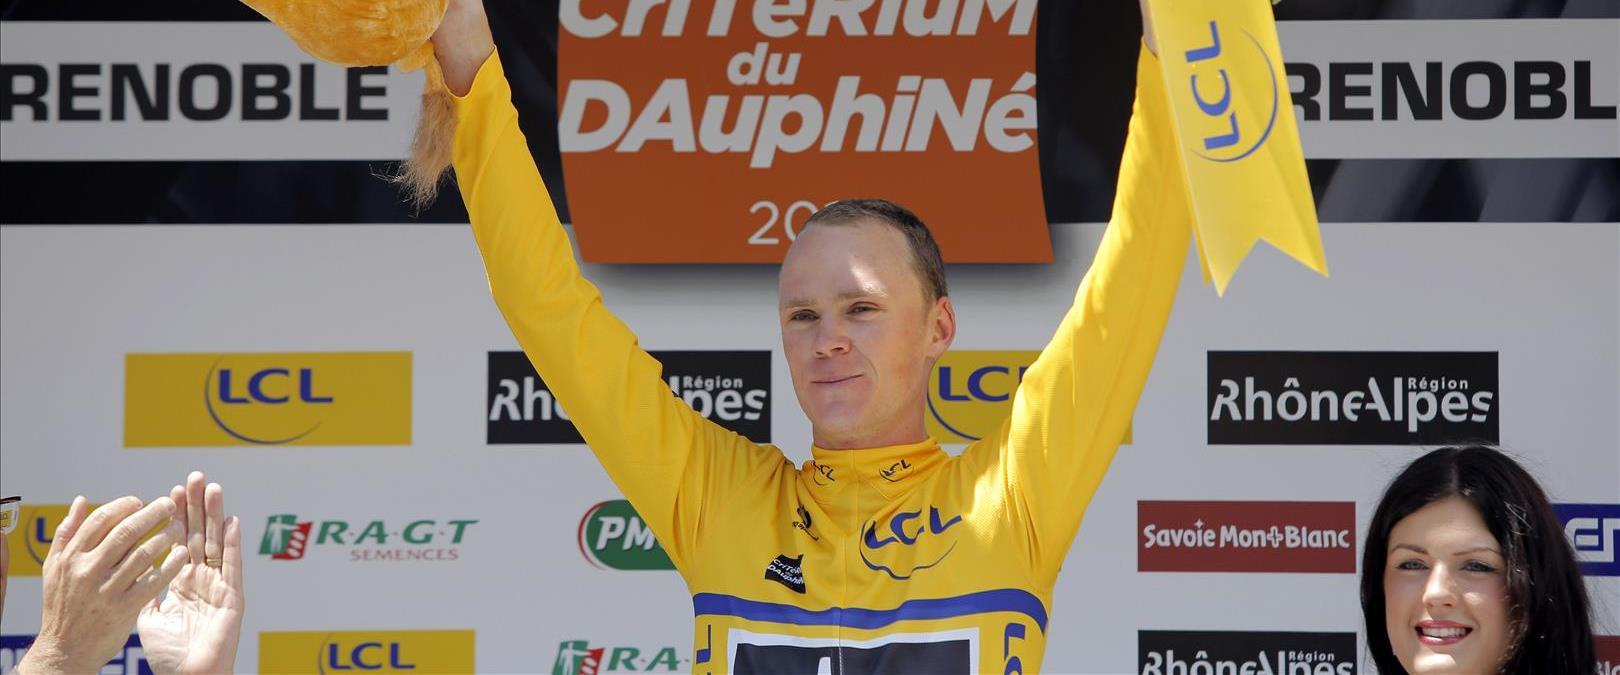 רוכב האופניים כריס פרום